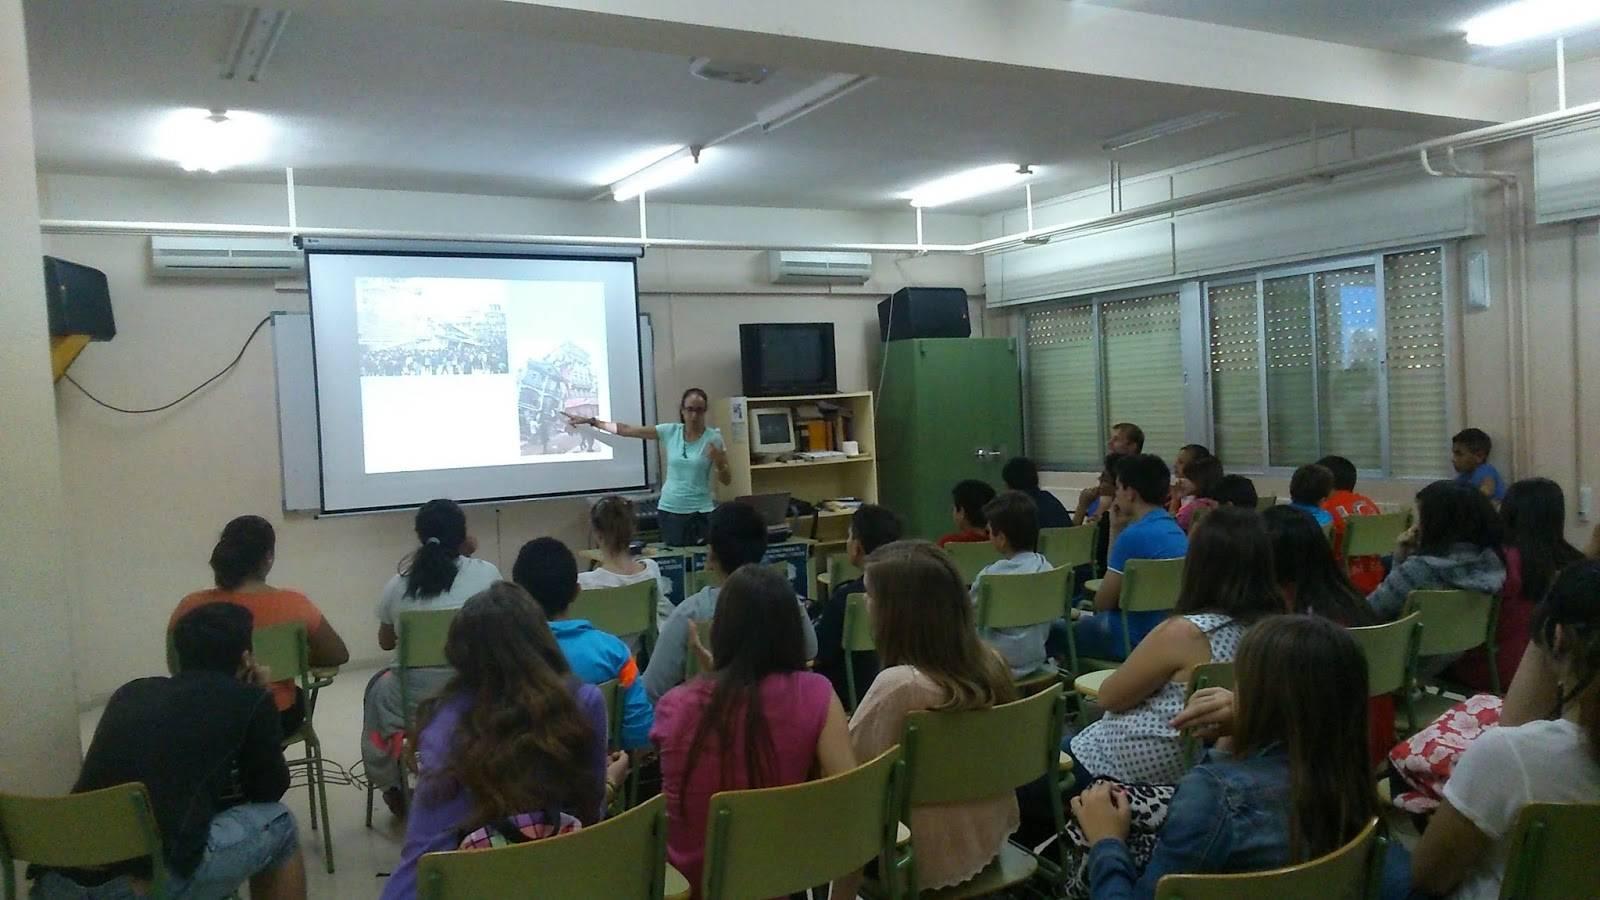 Conferencia sobre Nepal de Beatriz Gomez en el instituto de Herencia1 - Beatriz Gómez Rico imparte un conferencia sobre Nepal en el IES Hermógenes Rodríguez